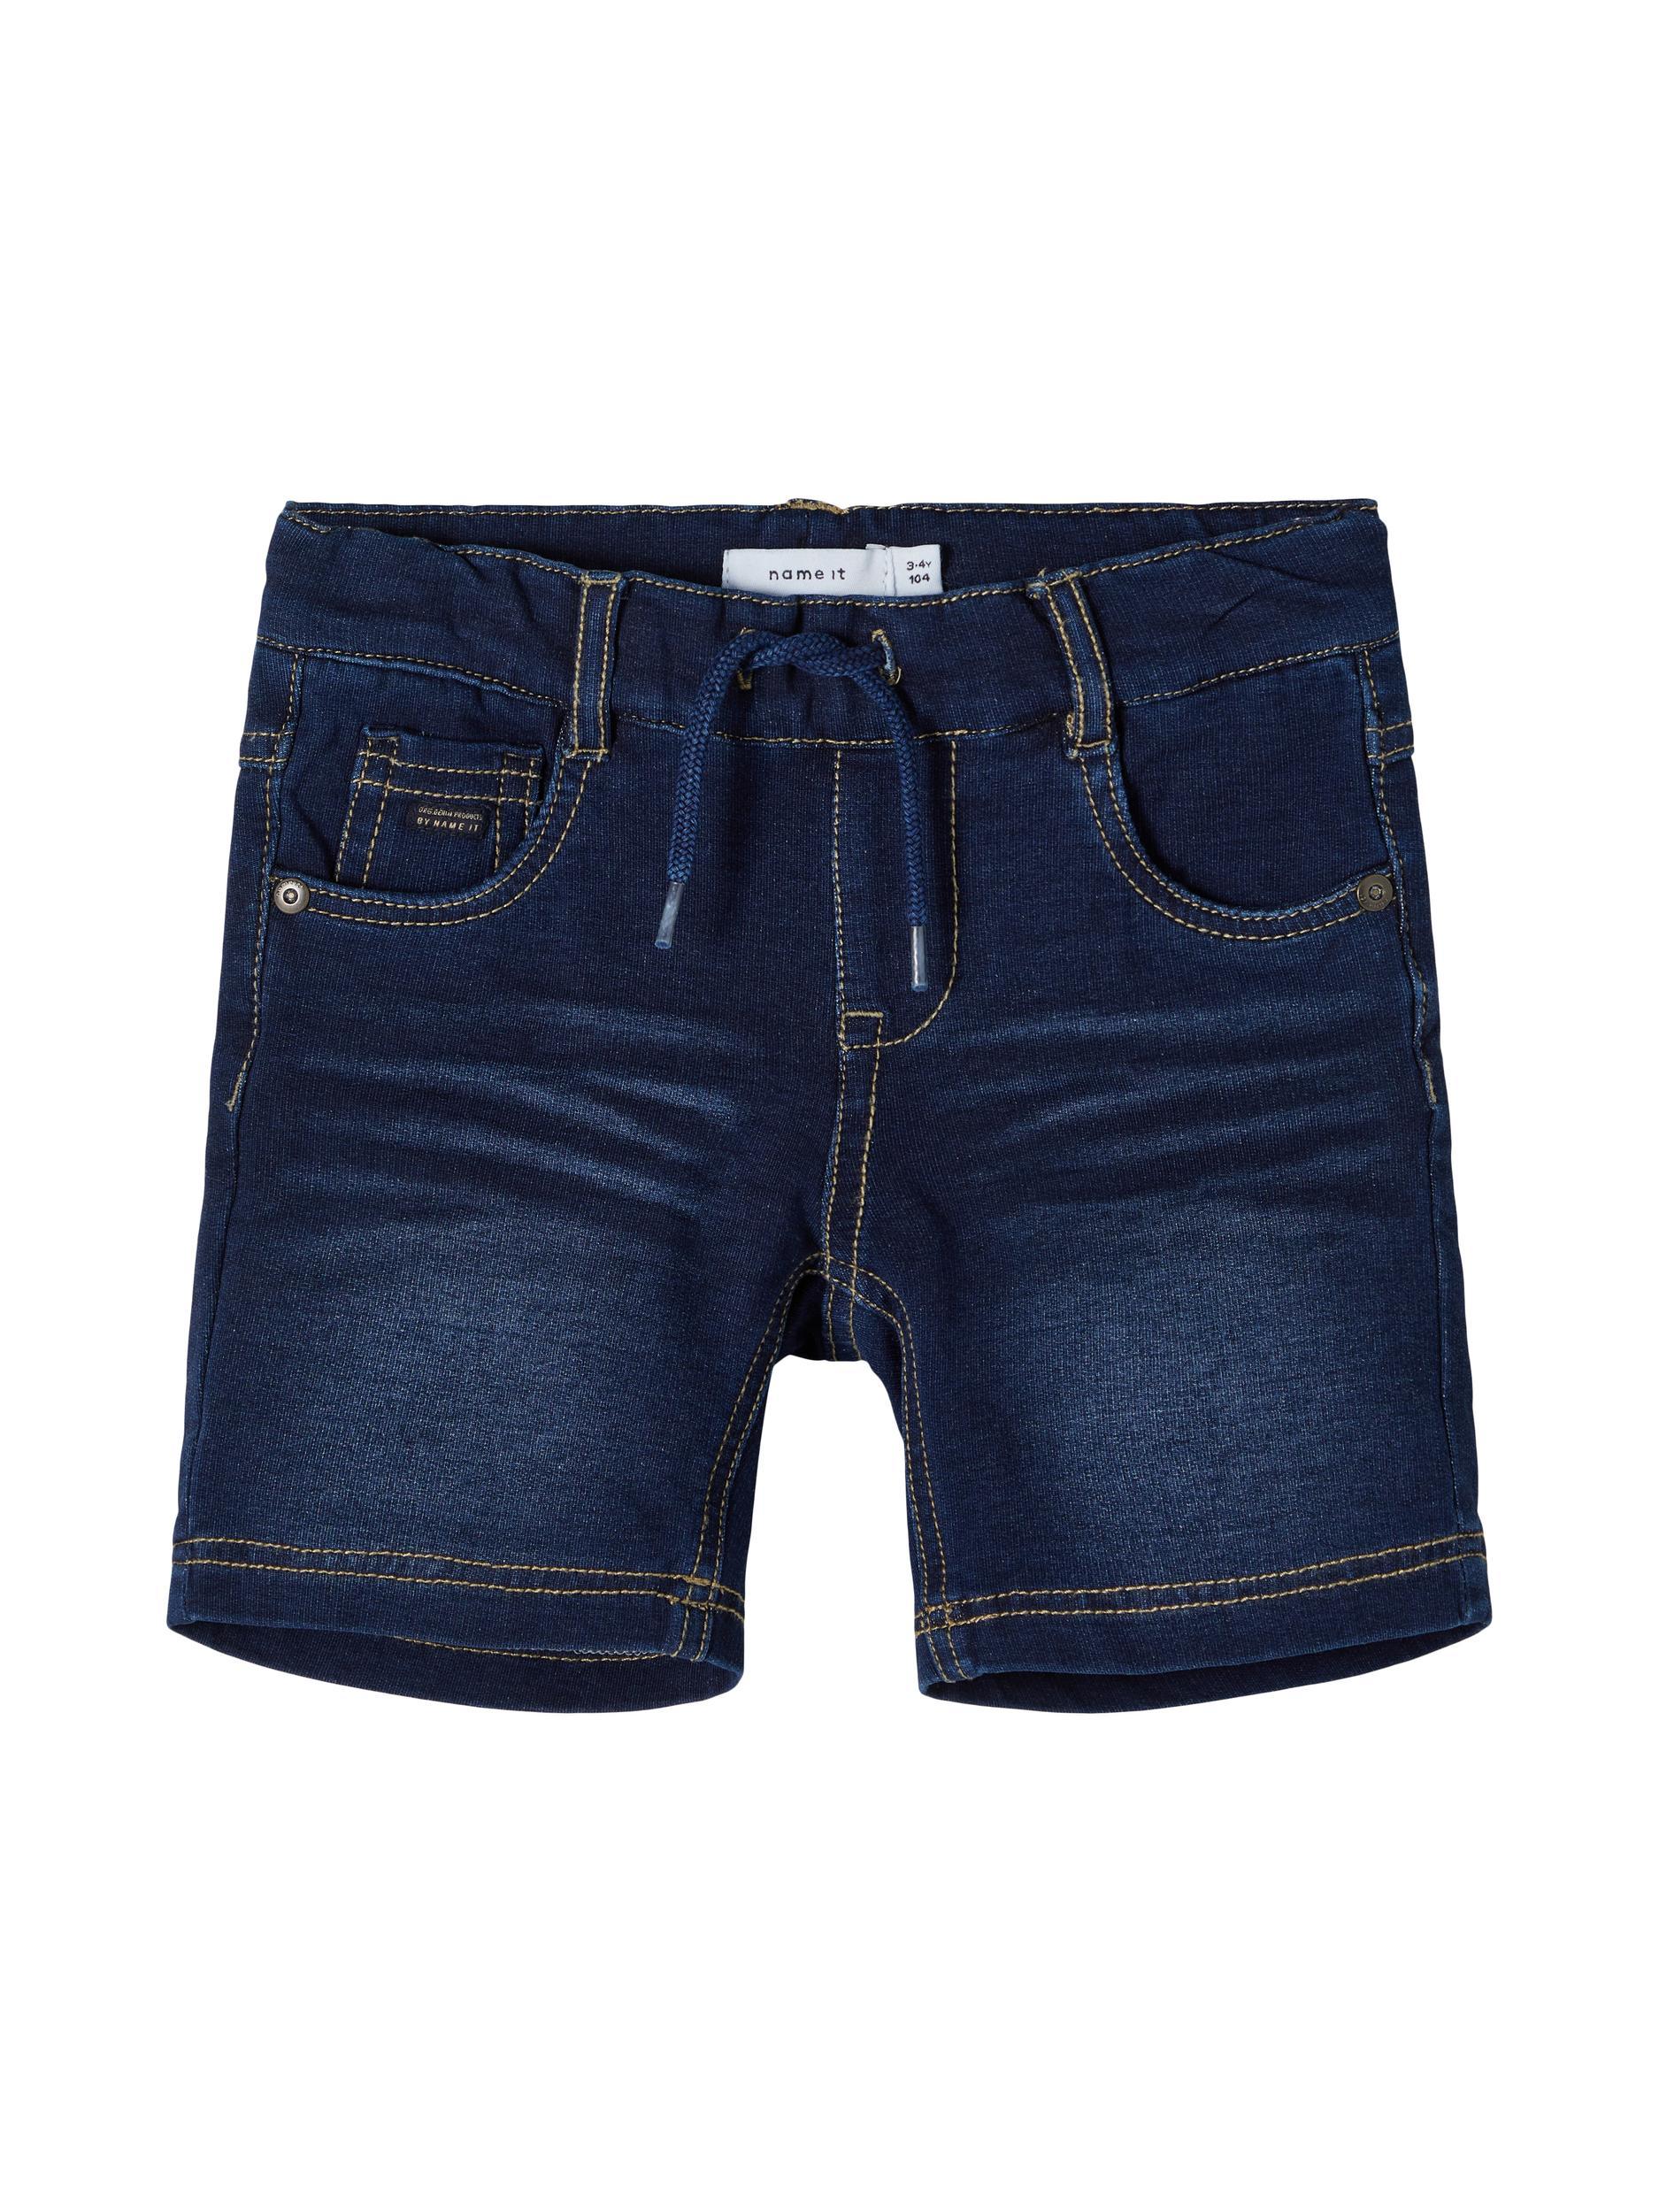 Name It Ryan shorts, dark blue denim, 104